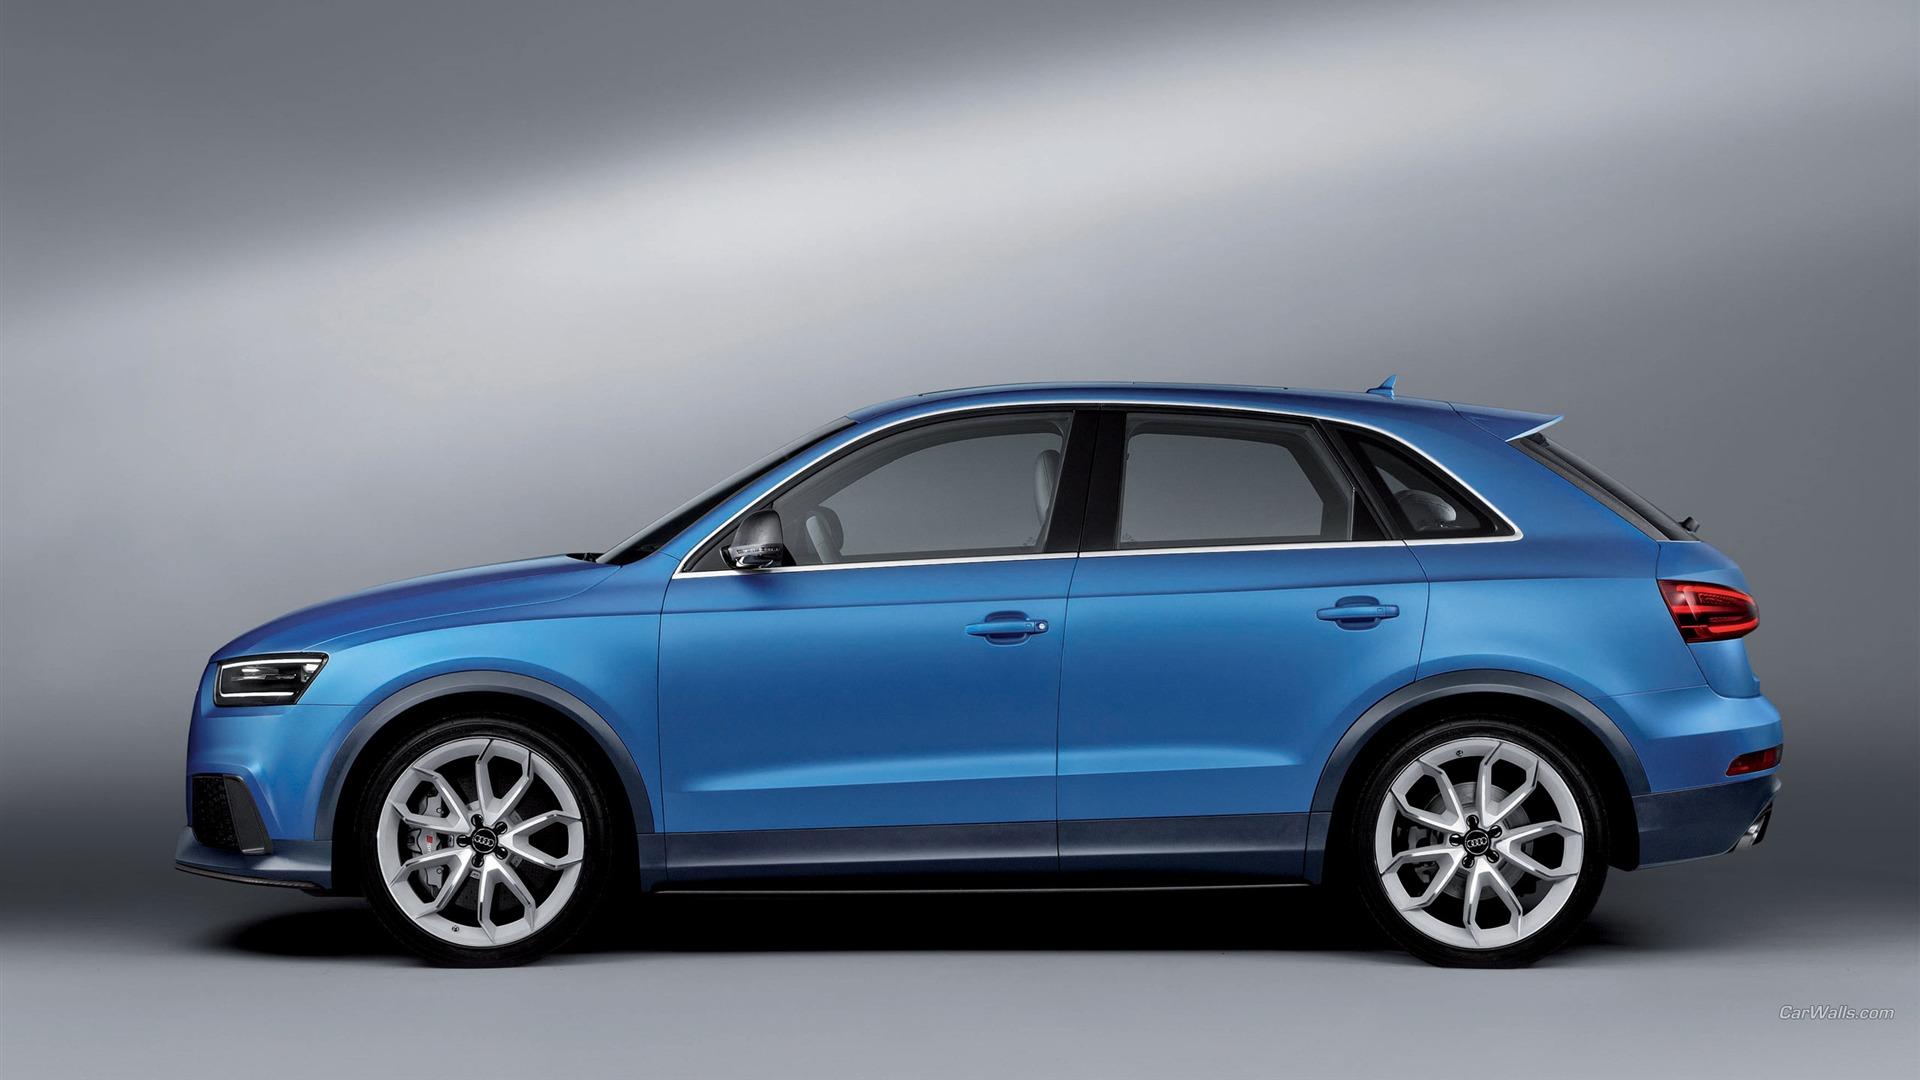 Audi Rs Q3 Concept Car Hd Wallpaper 16 Avance 10wallpapercom